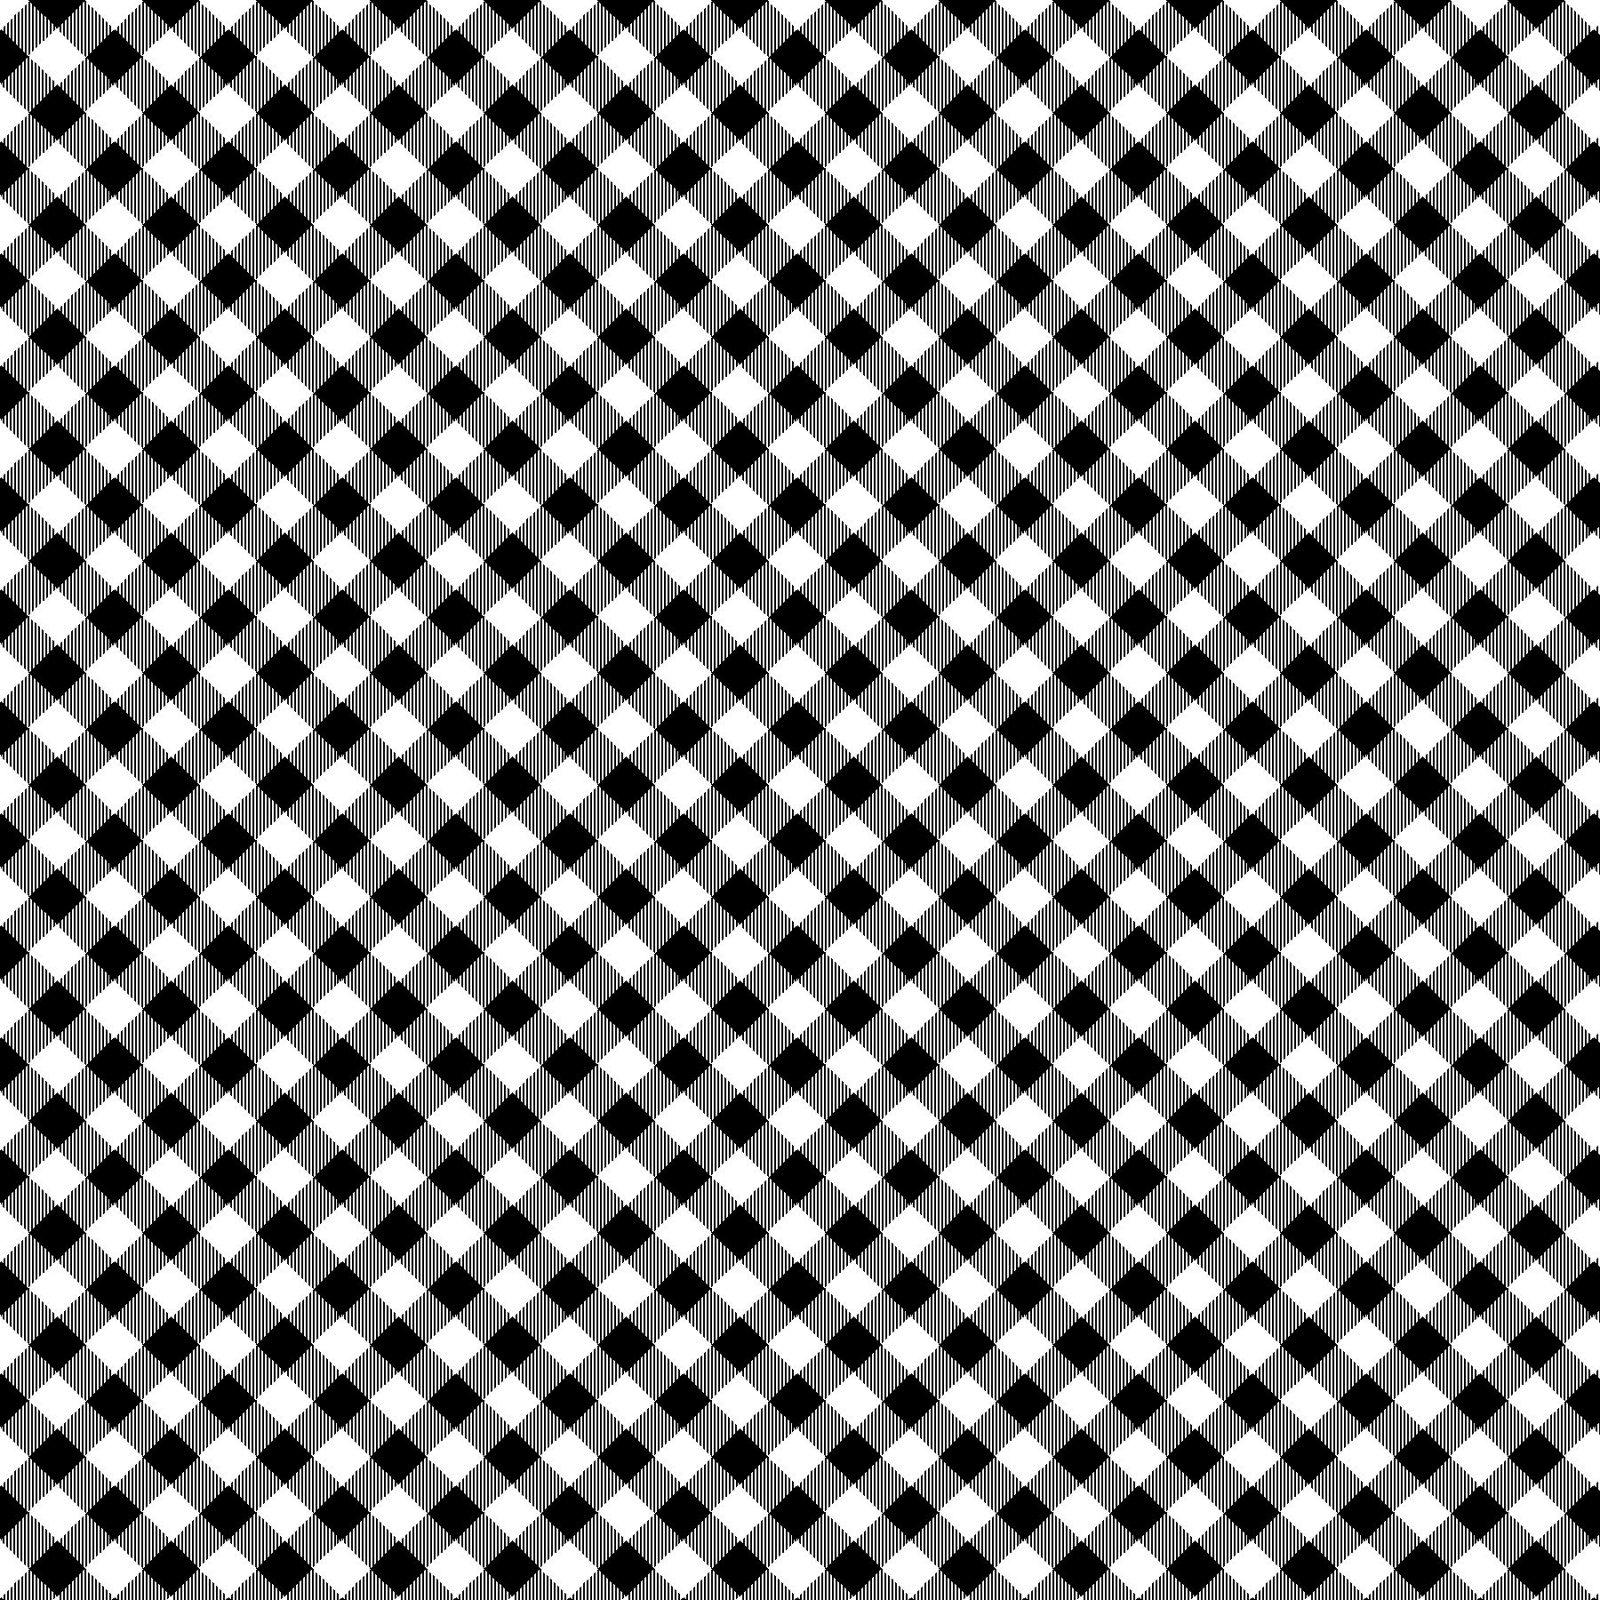 HG-Chelsea's Checks 9700-9 Black/White - 1/8 Check